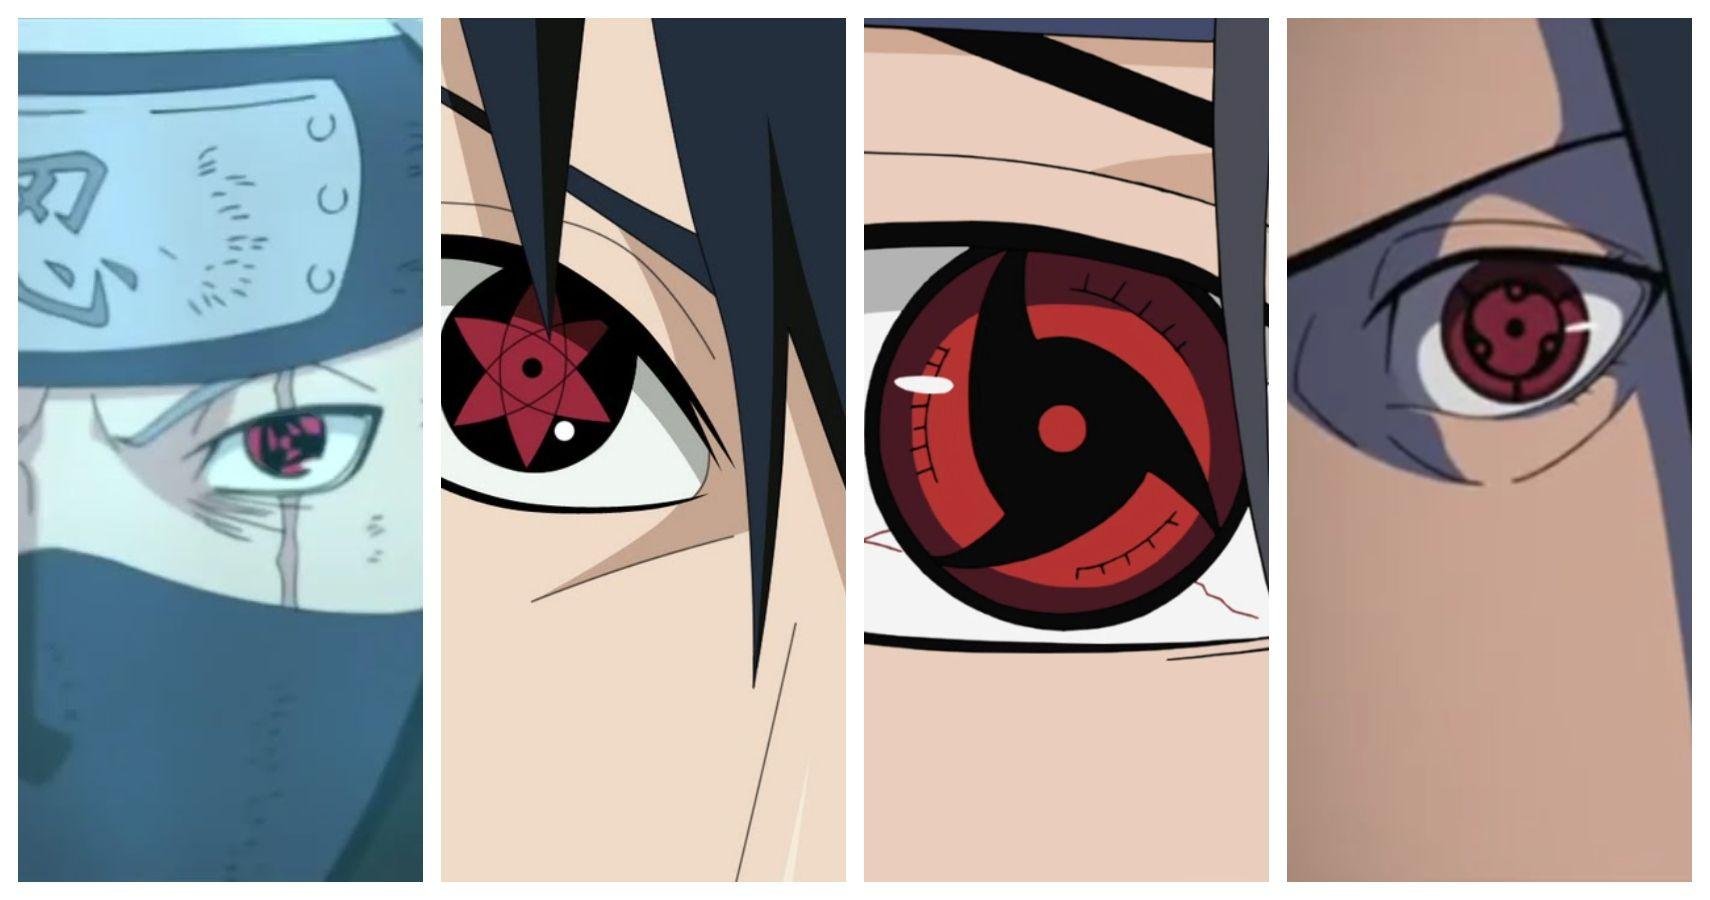 Naruto: 7 Strongest Mangekyo Sharingan Users (& 7 Weakest) | CBR